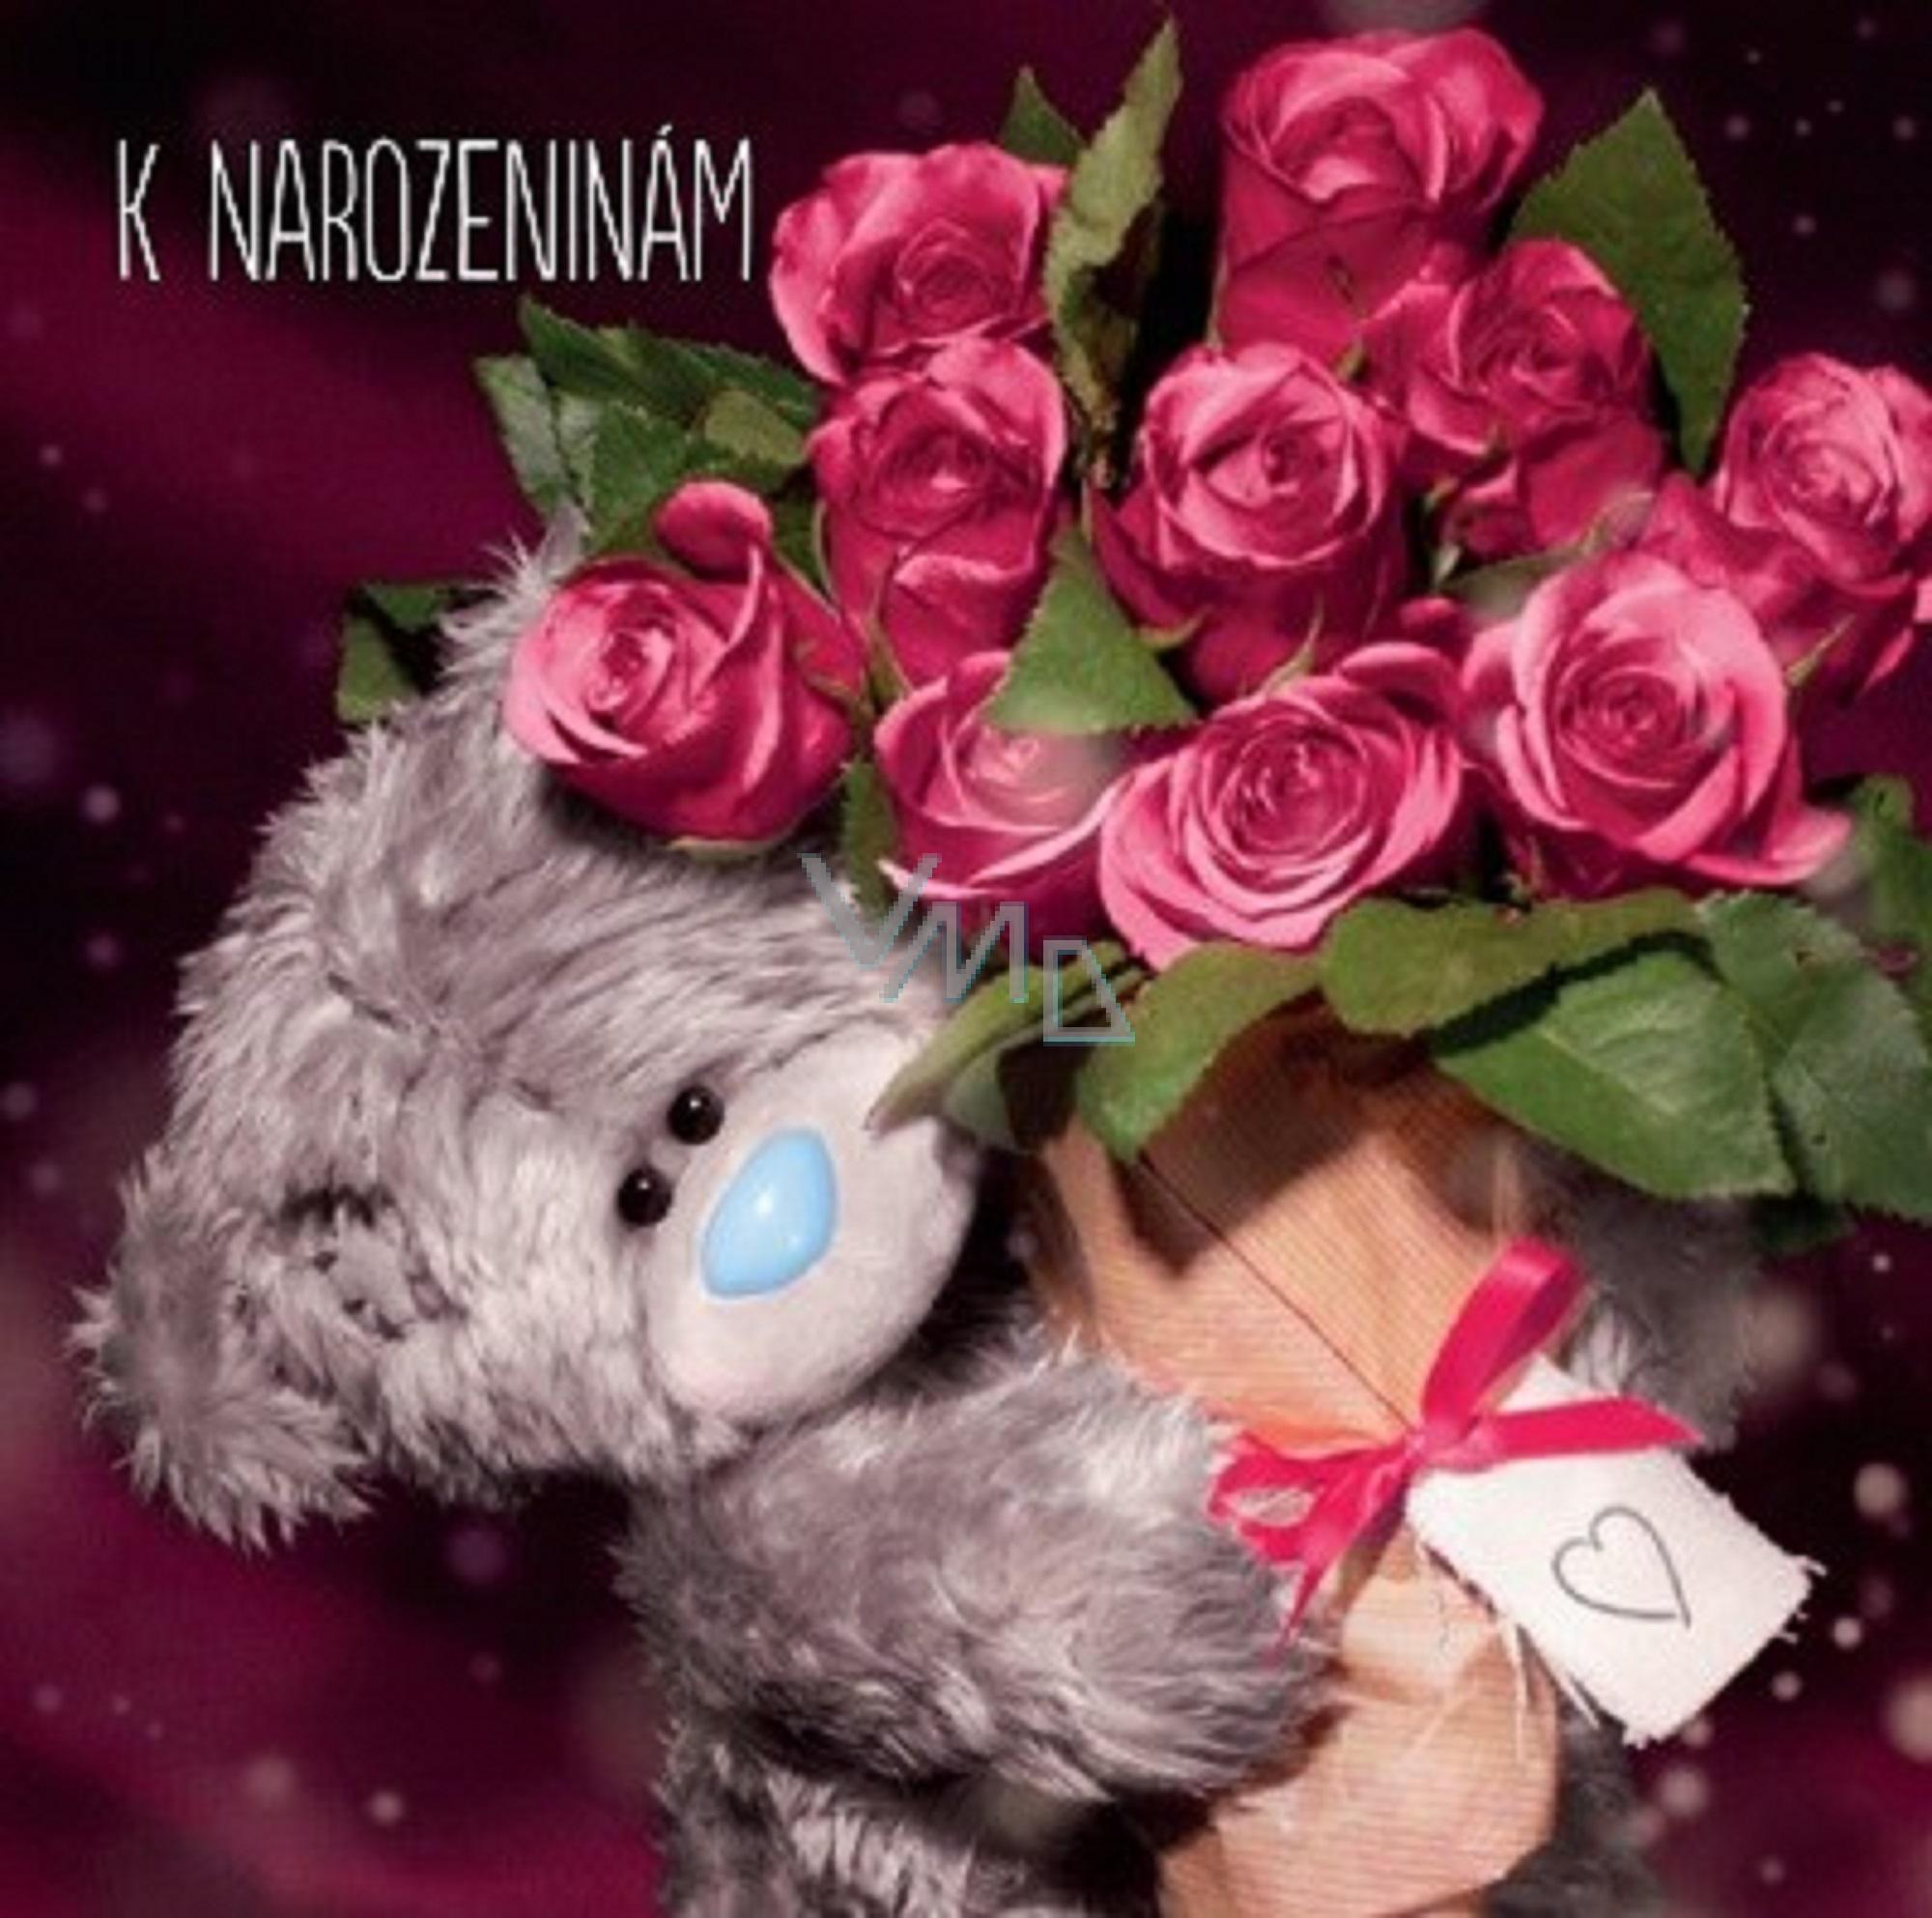 k narozeninám obrázky Me to You Blahopřání do obálky 3D K narozeninám, Medvídek s růžemi  k narozeninám obrázky